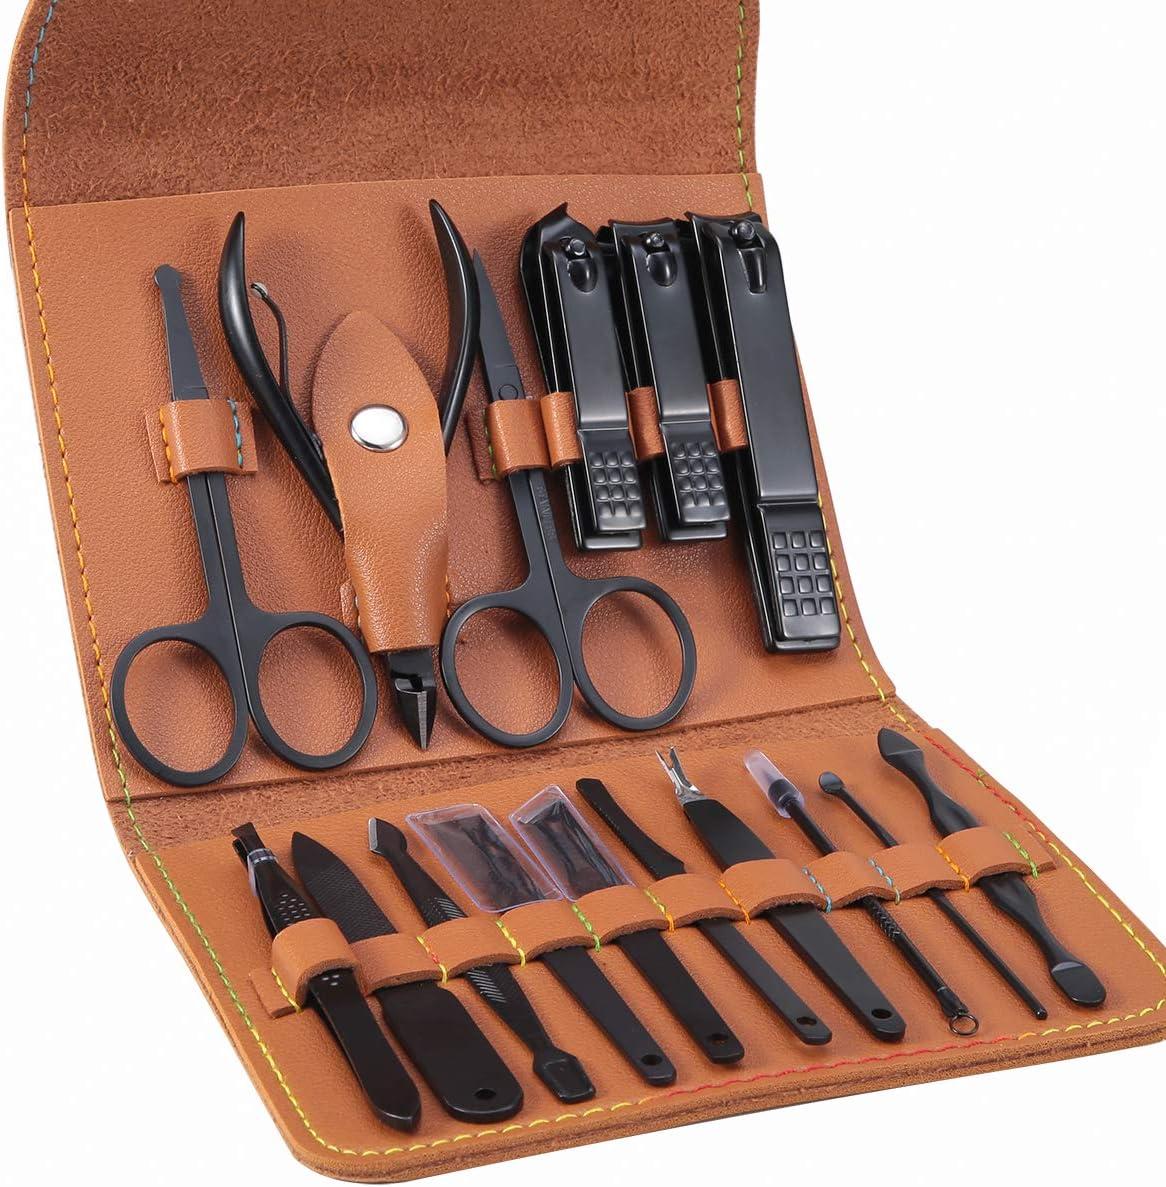 Manicura Pedicura Set 16 PCS Profesional Cortaúñas Acero Inoxidable Grooming Kit - Con Estuche De Viaje De Cuero Lujoso(Marrón)